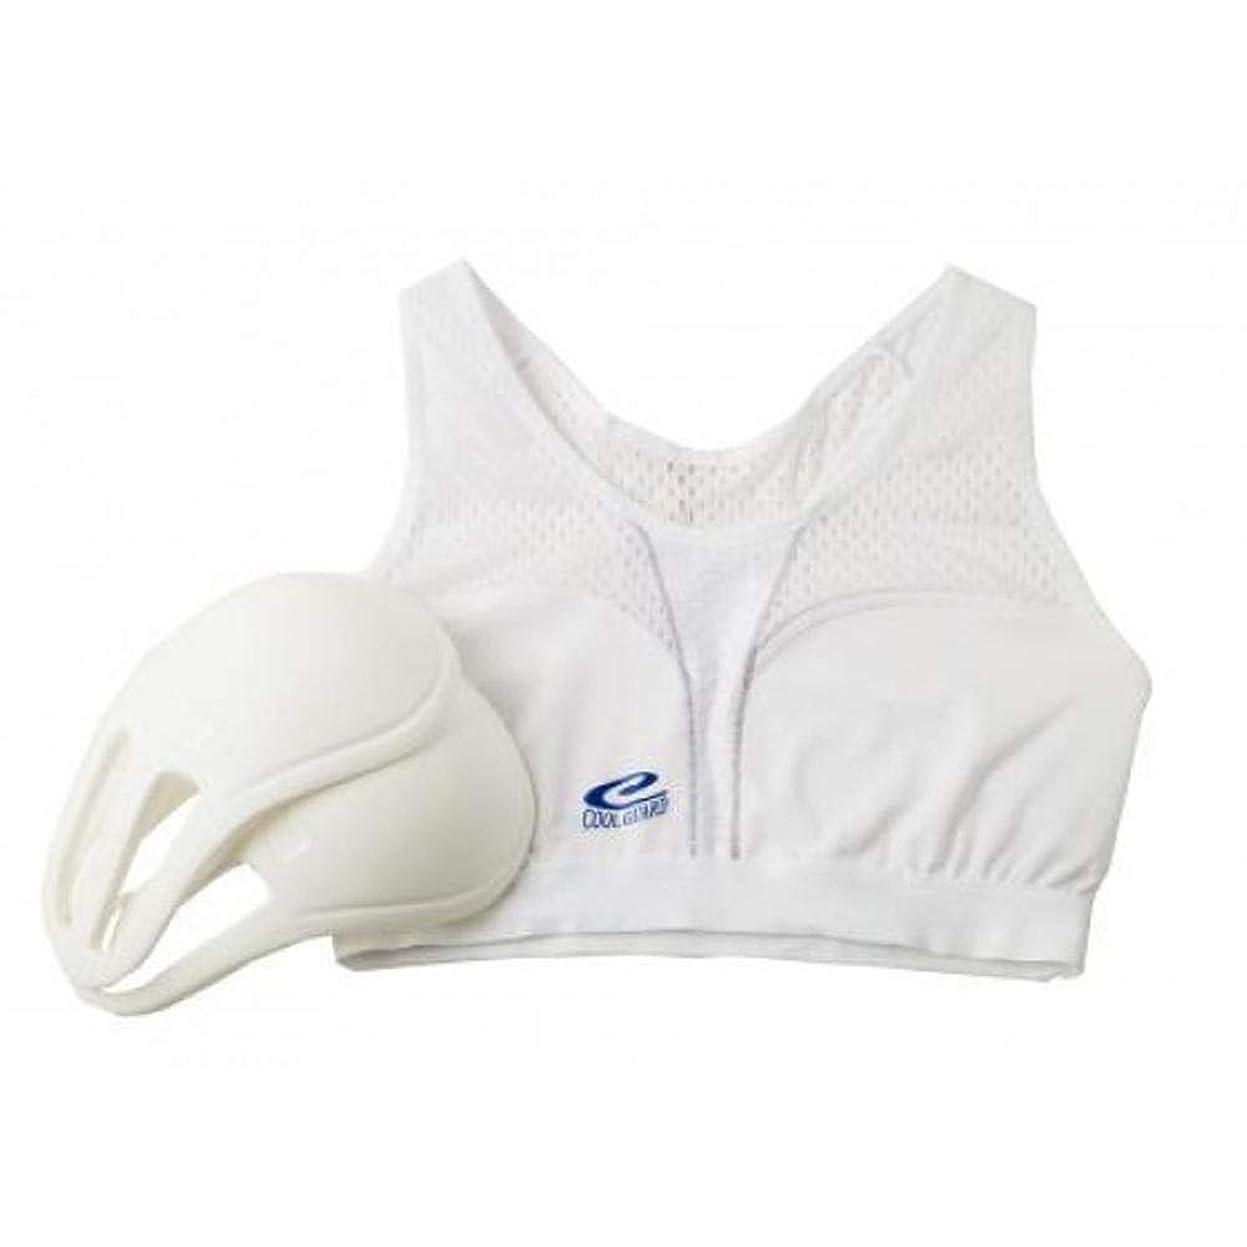 懺悔パーツ首尾一貫した胸部をしっかりガード! 女性用硬質チェストガード XS CGS-XS-N 〈簡易梱包